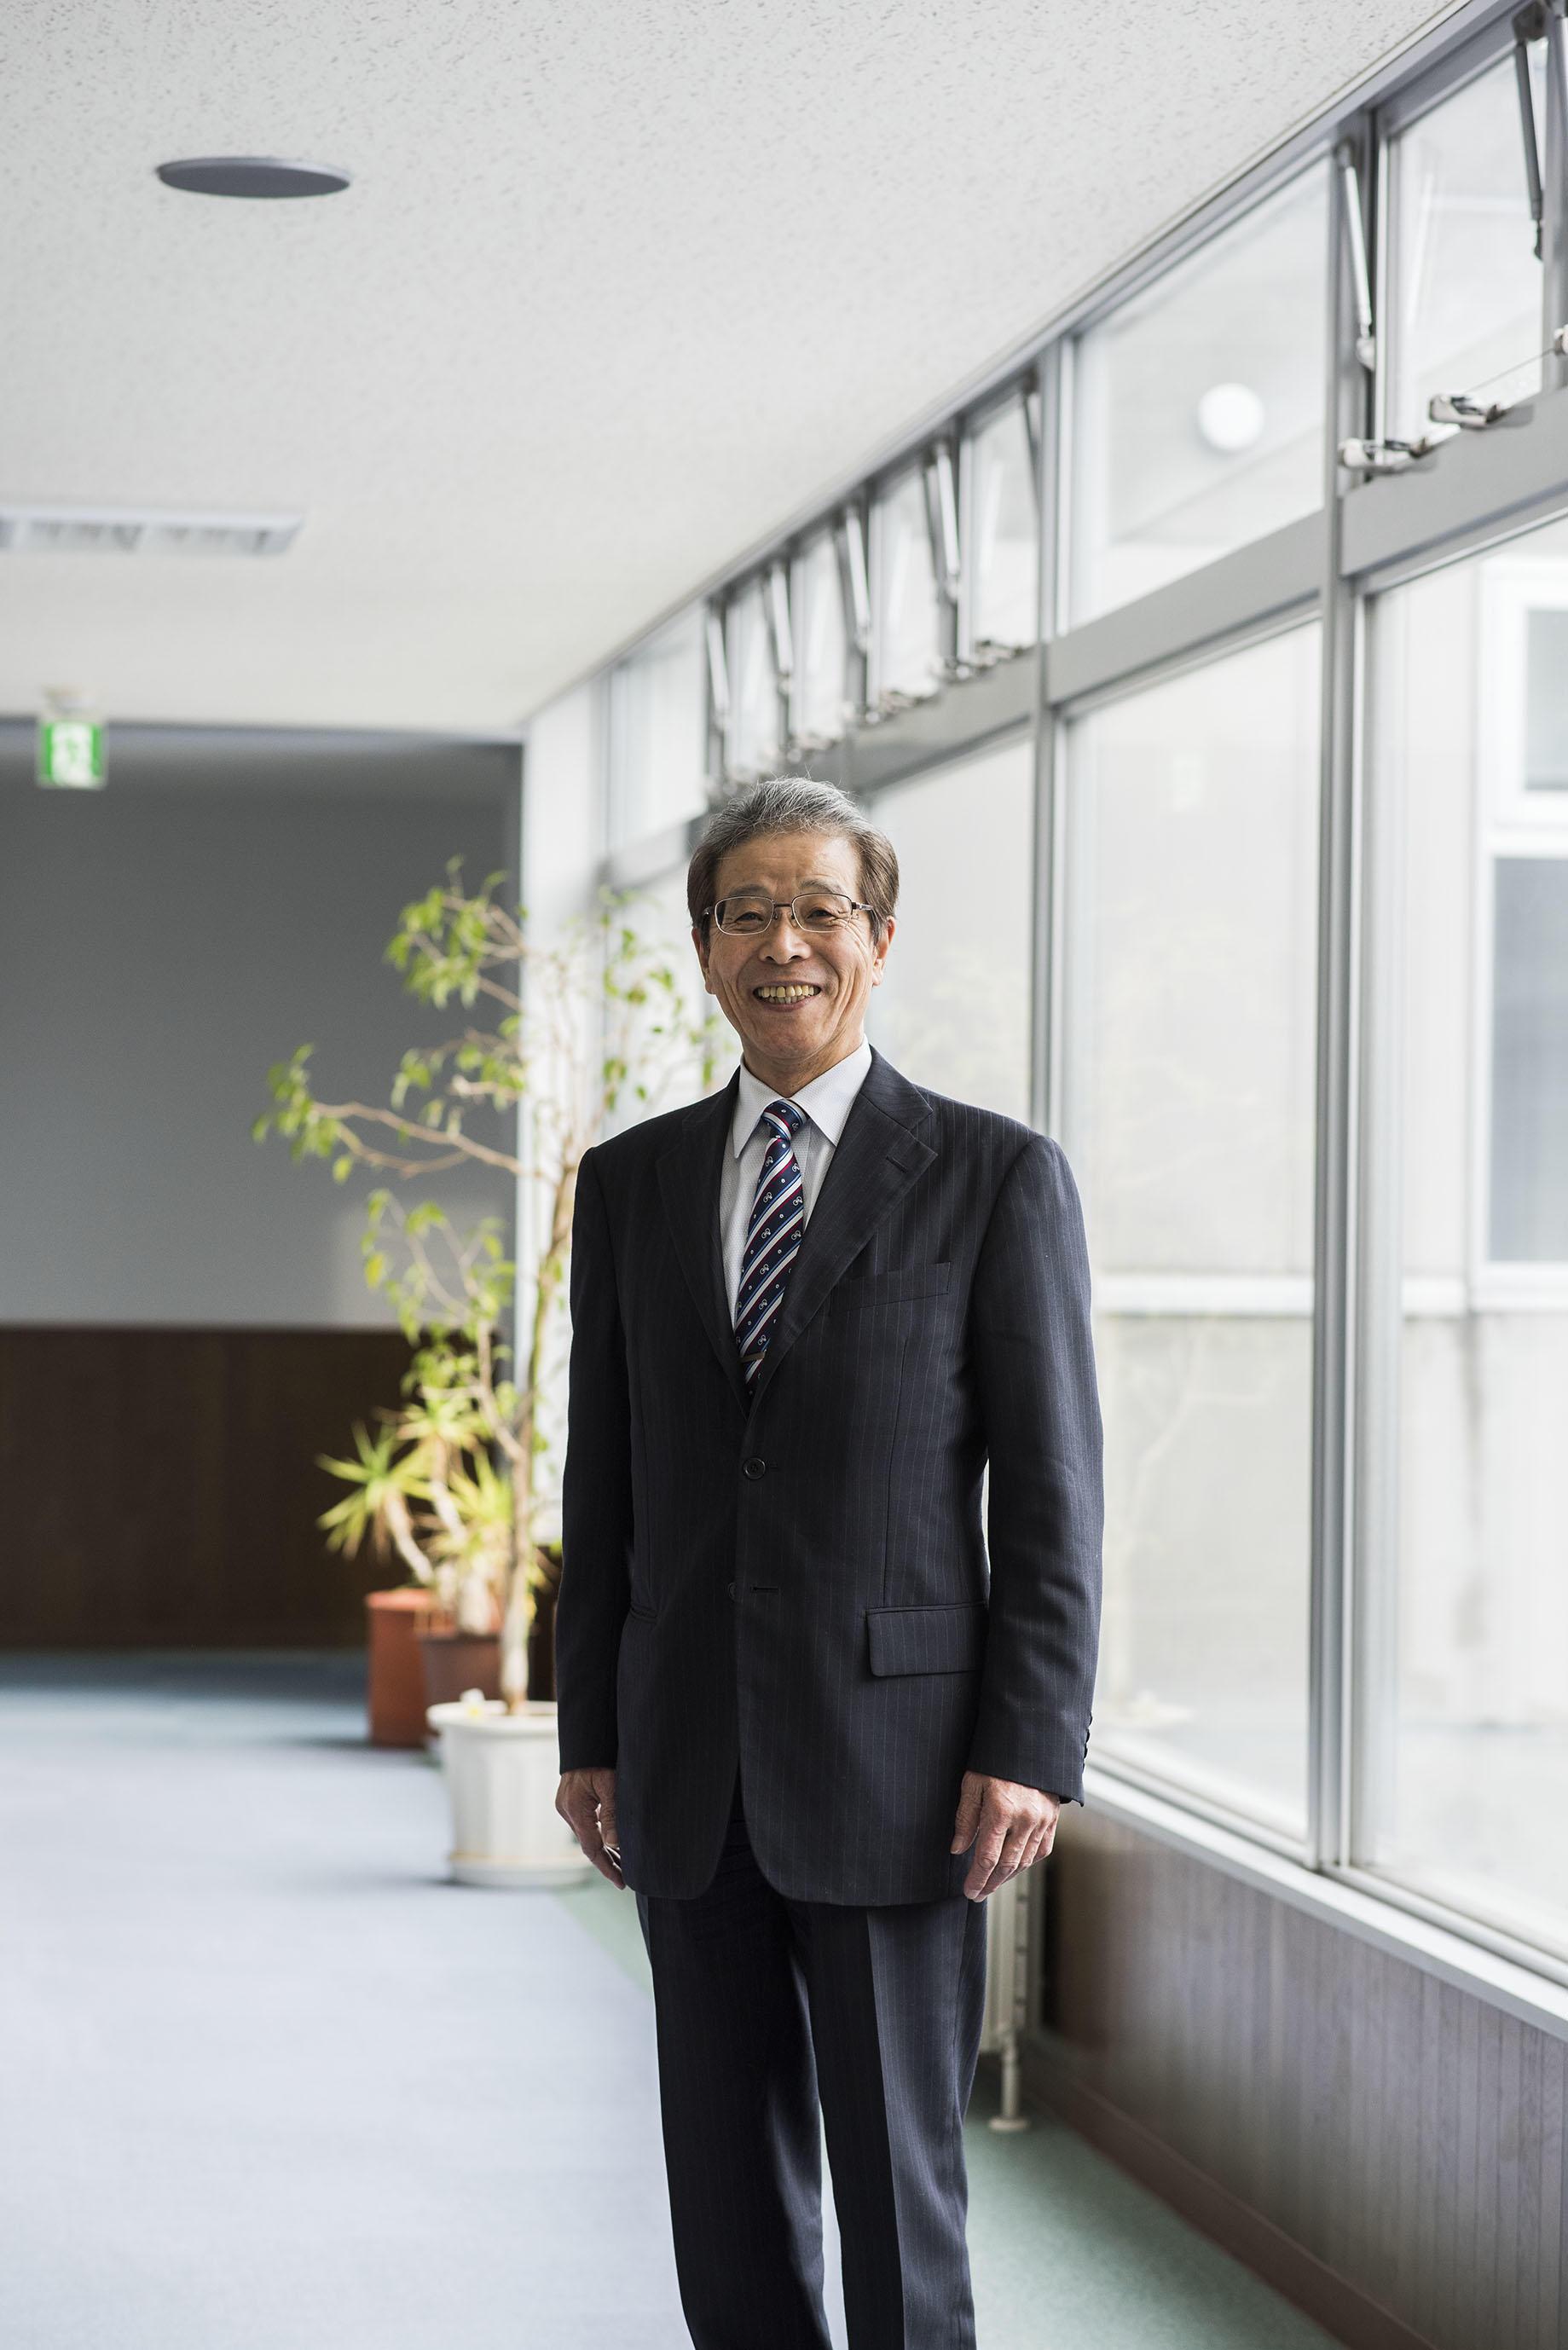 北翔大学・同短期大学部が次期学長に山谷敬三郎副学長を選任 -- 任期は2018年2月11日から4年間